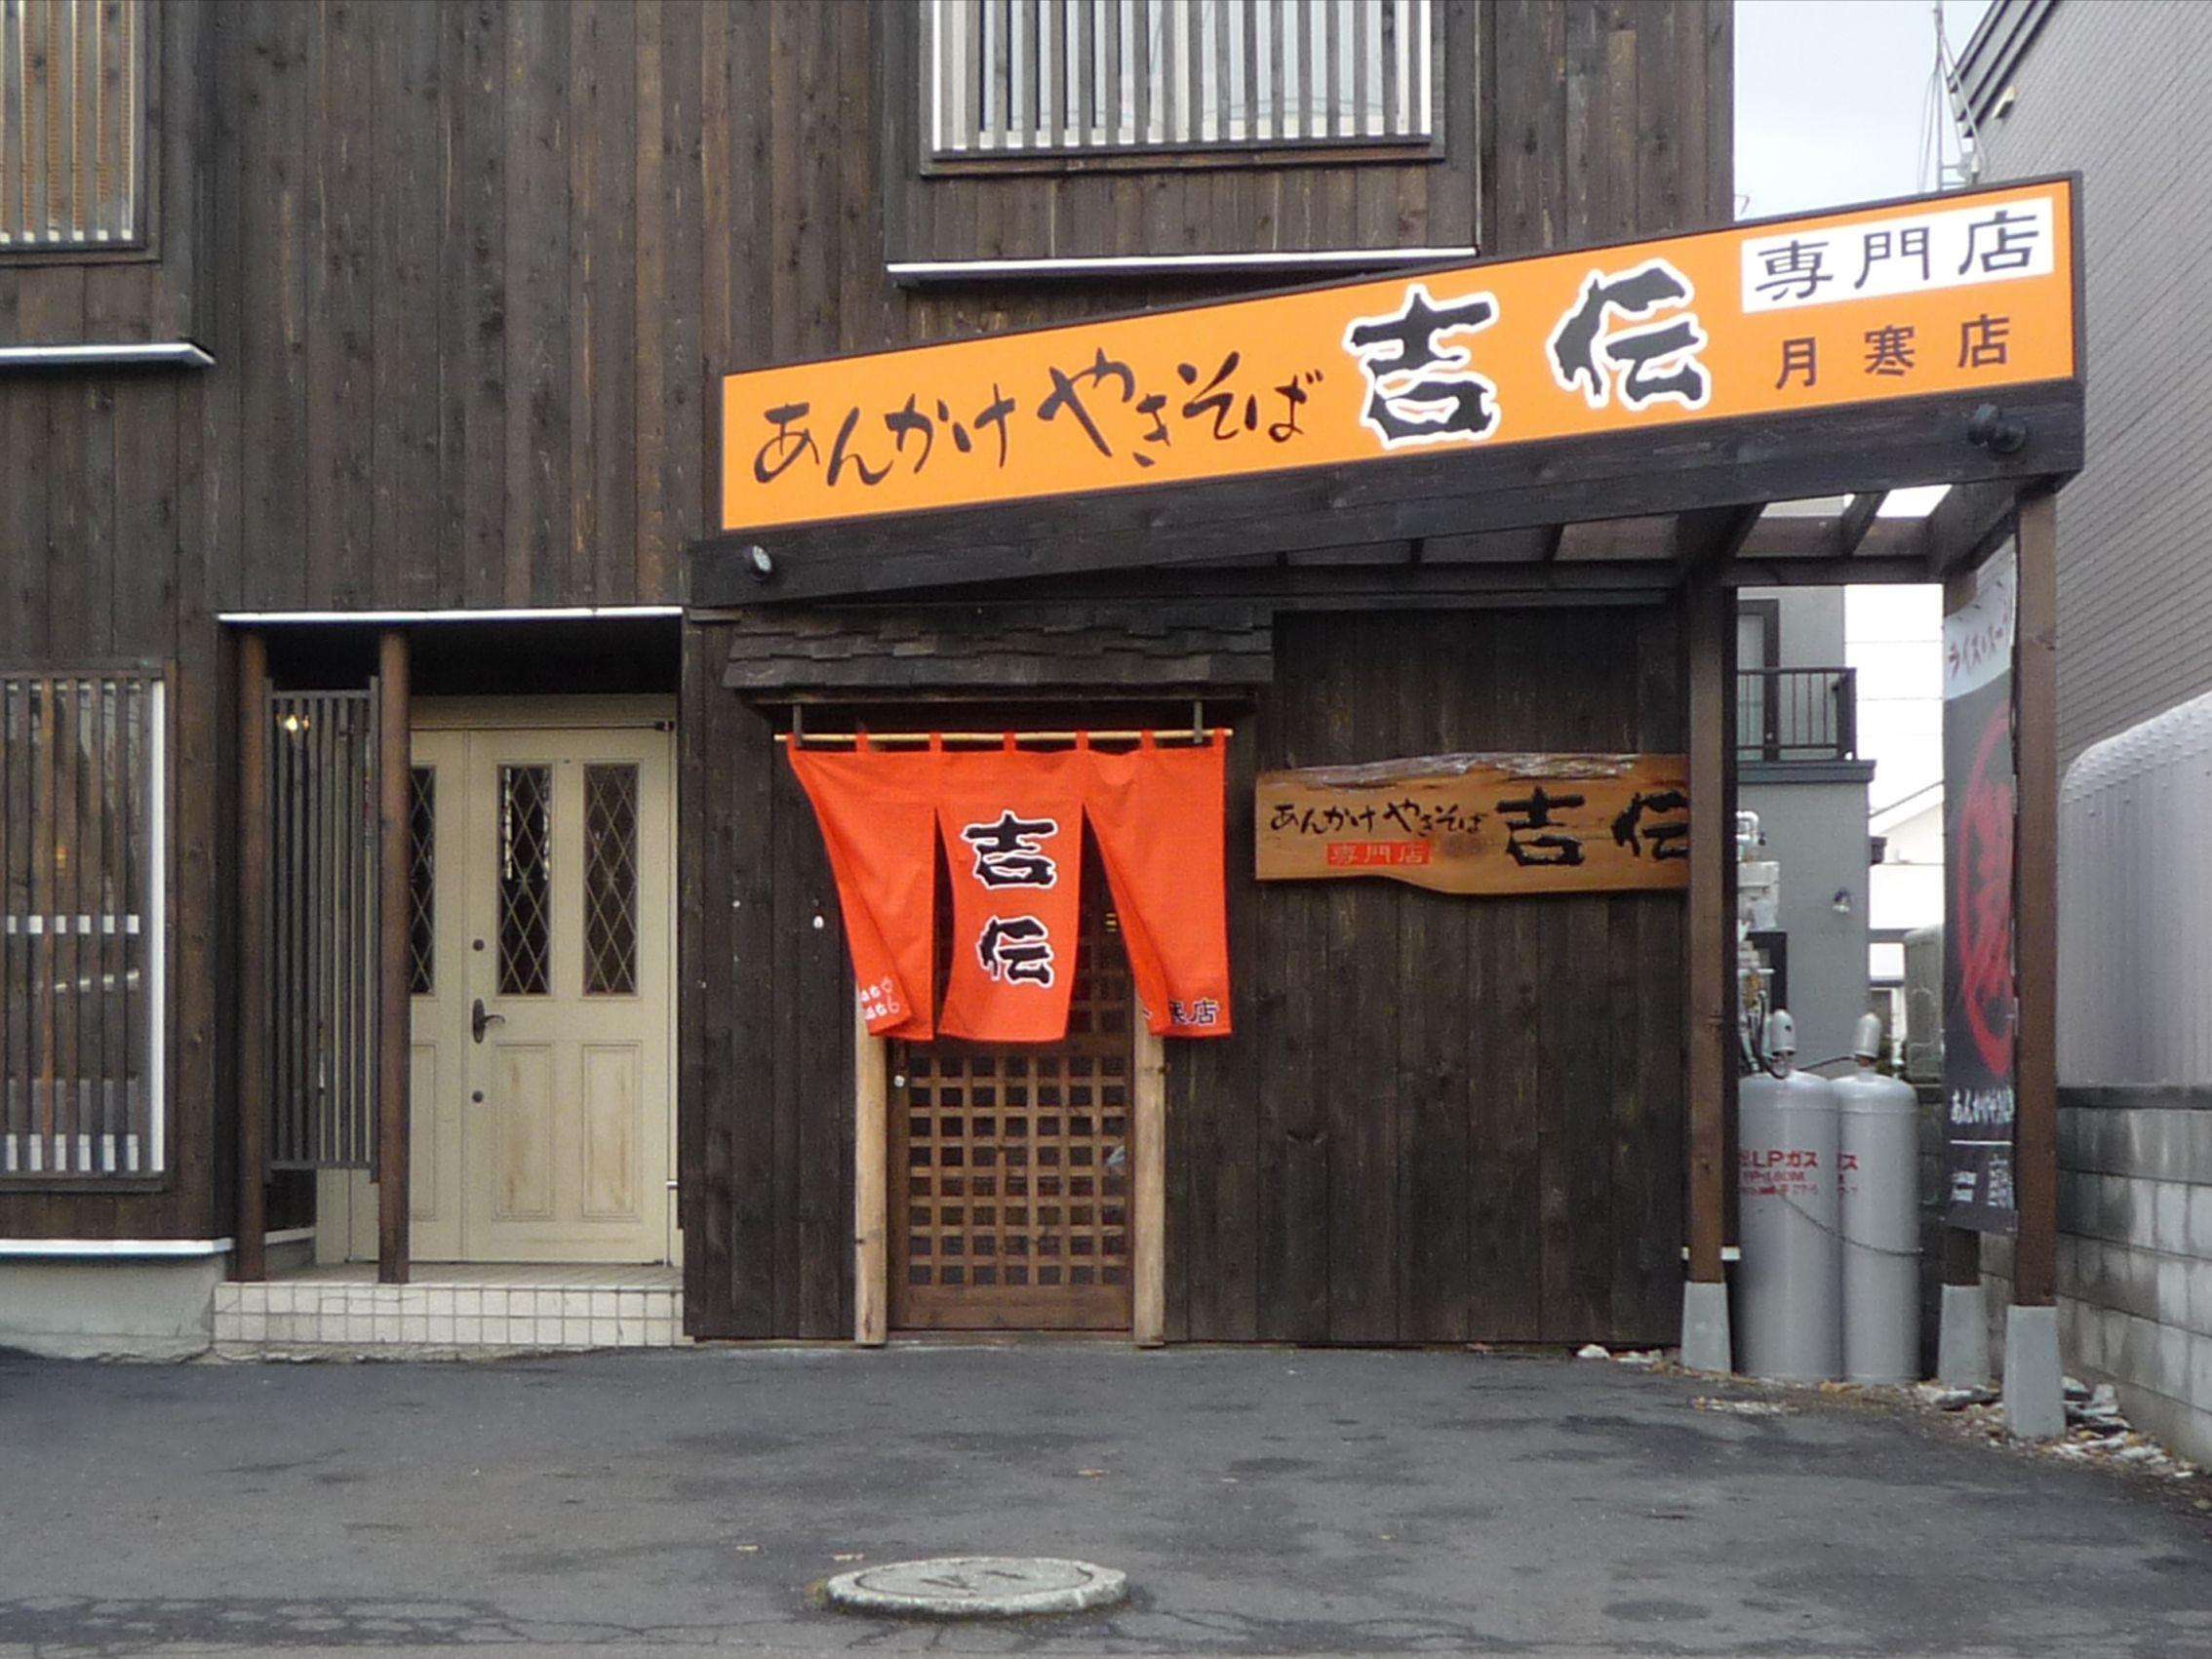 吉伝 月寒店